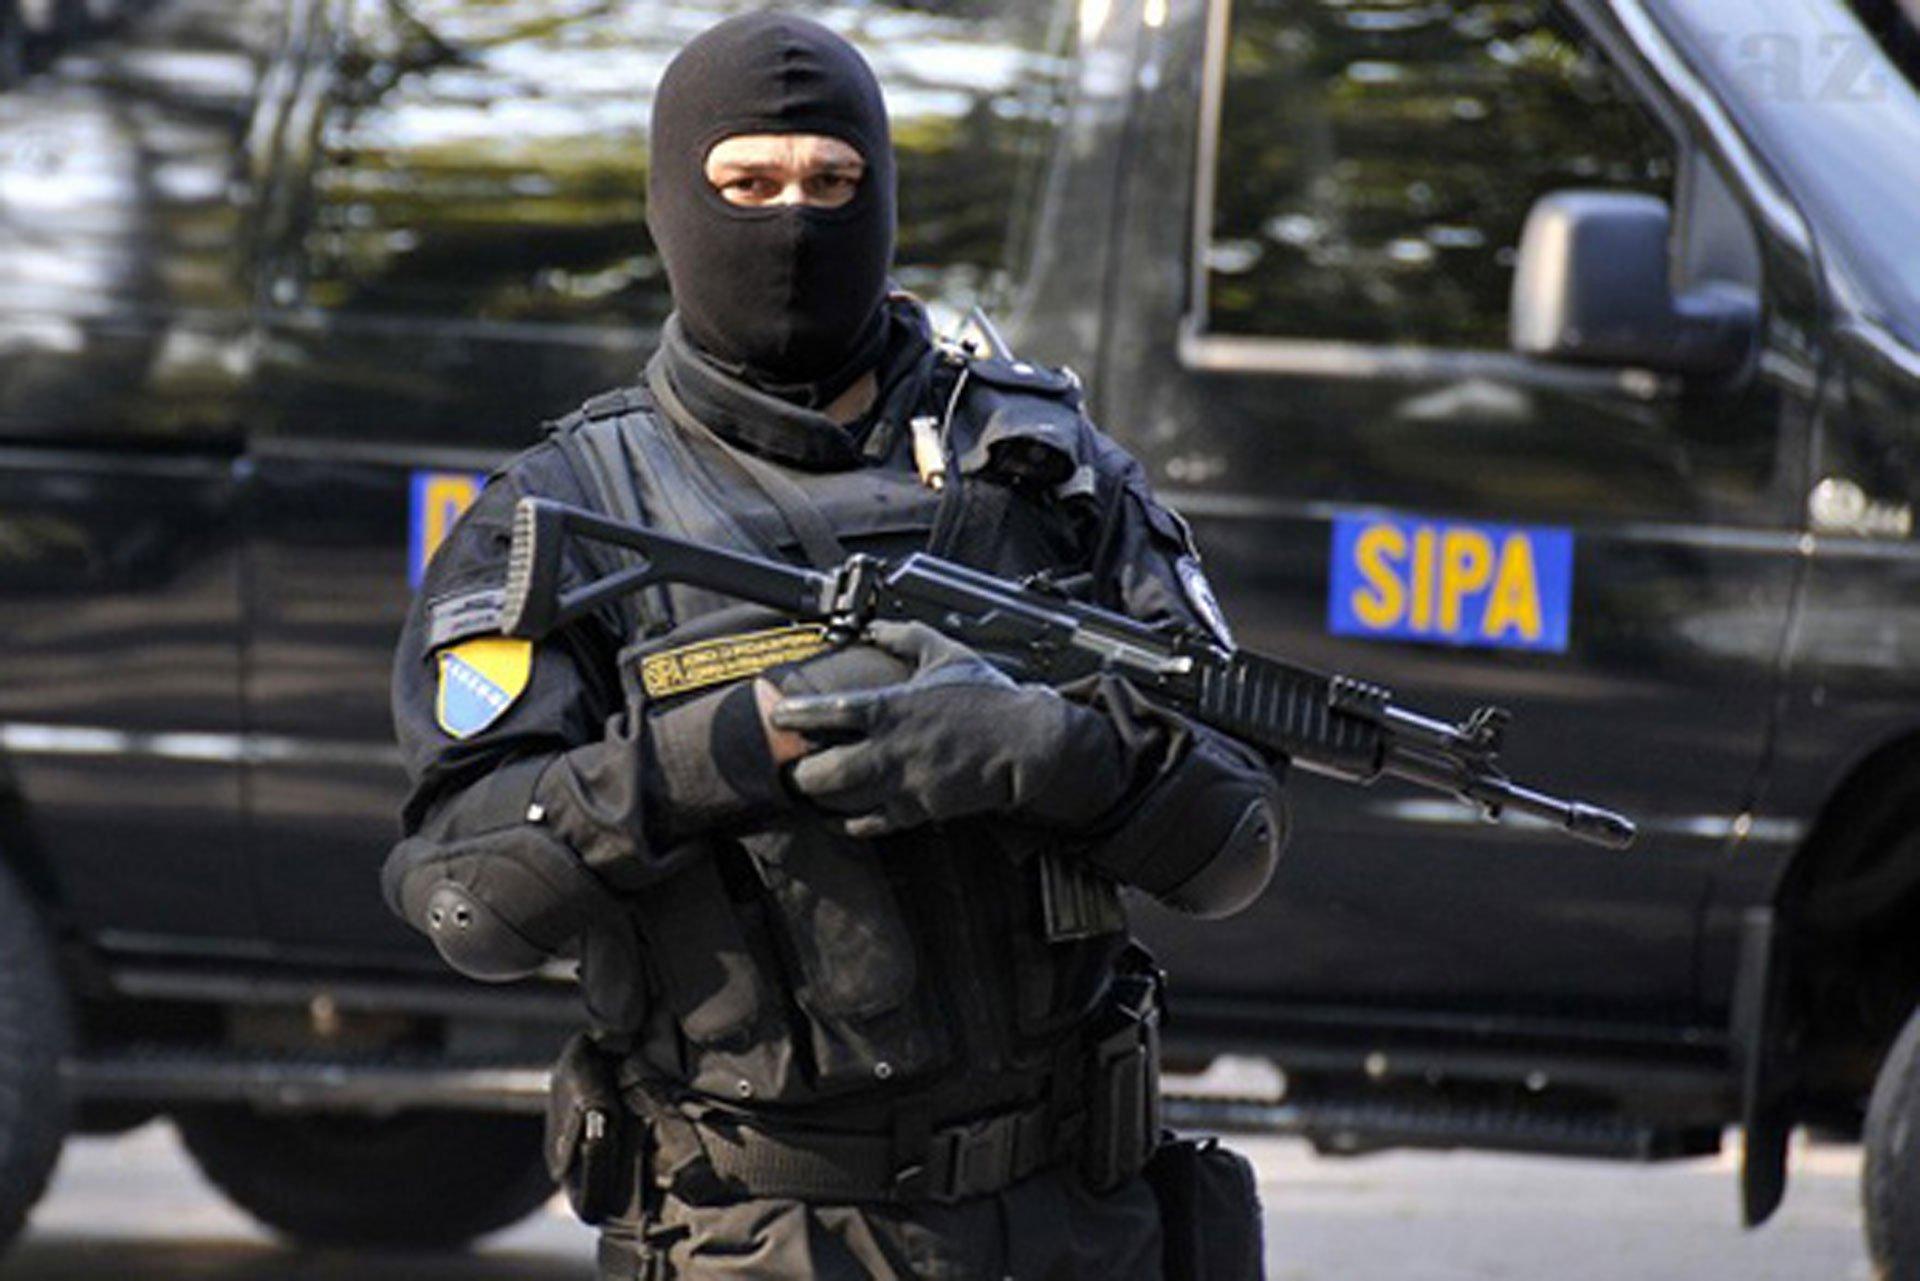 Β-Ε: Η SIPA συνέλαβε άτομο που είναι ύποπτο για χρηματοδότηση τρομοκρατικών δραστηριοτήτων